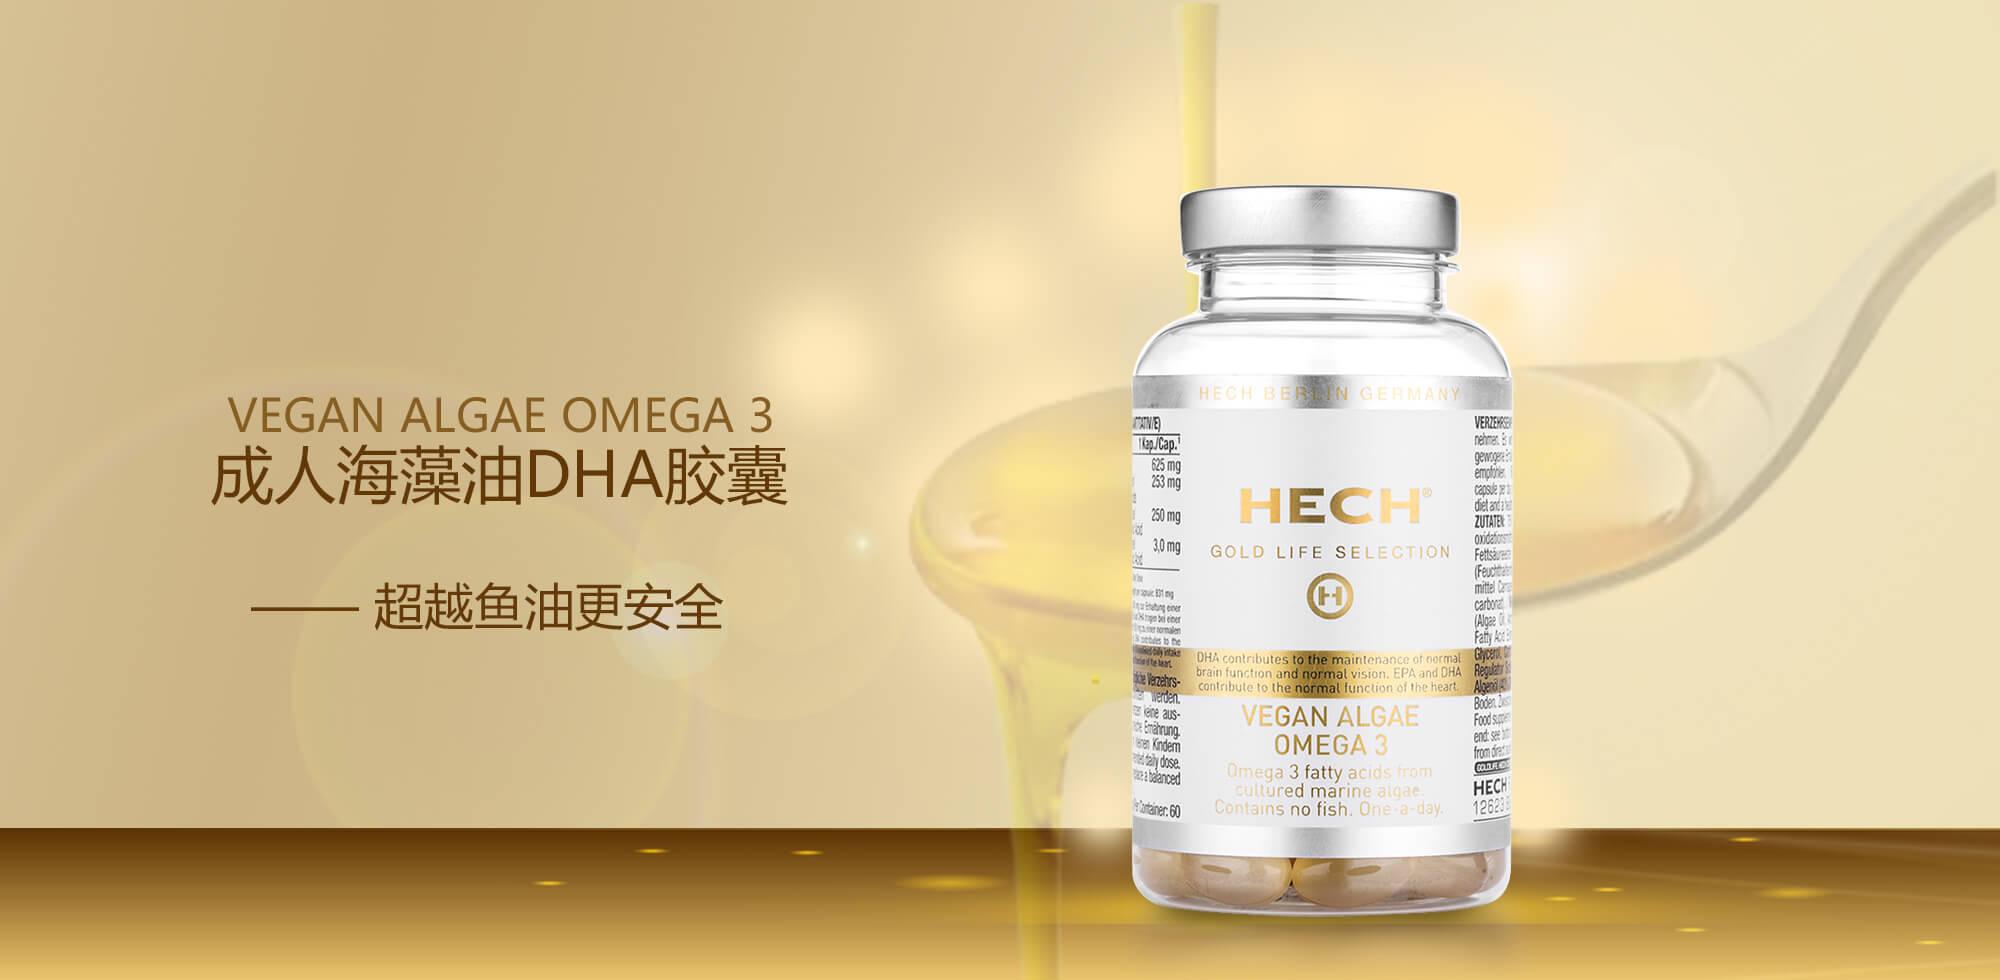 海藻油DHA胶囊海报